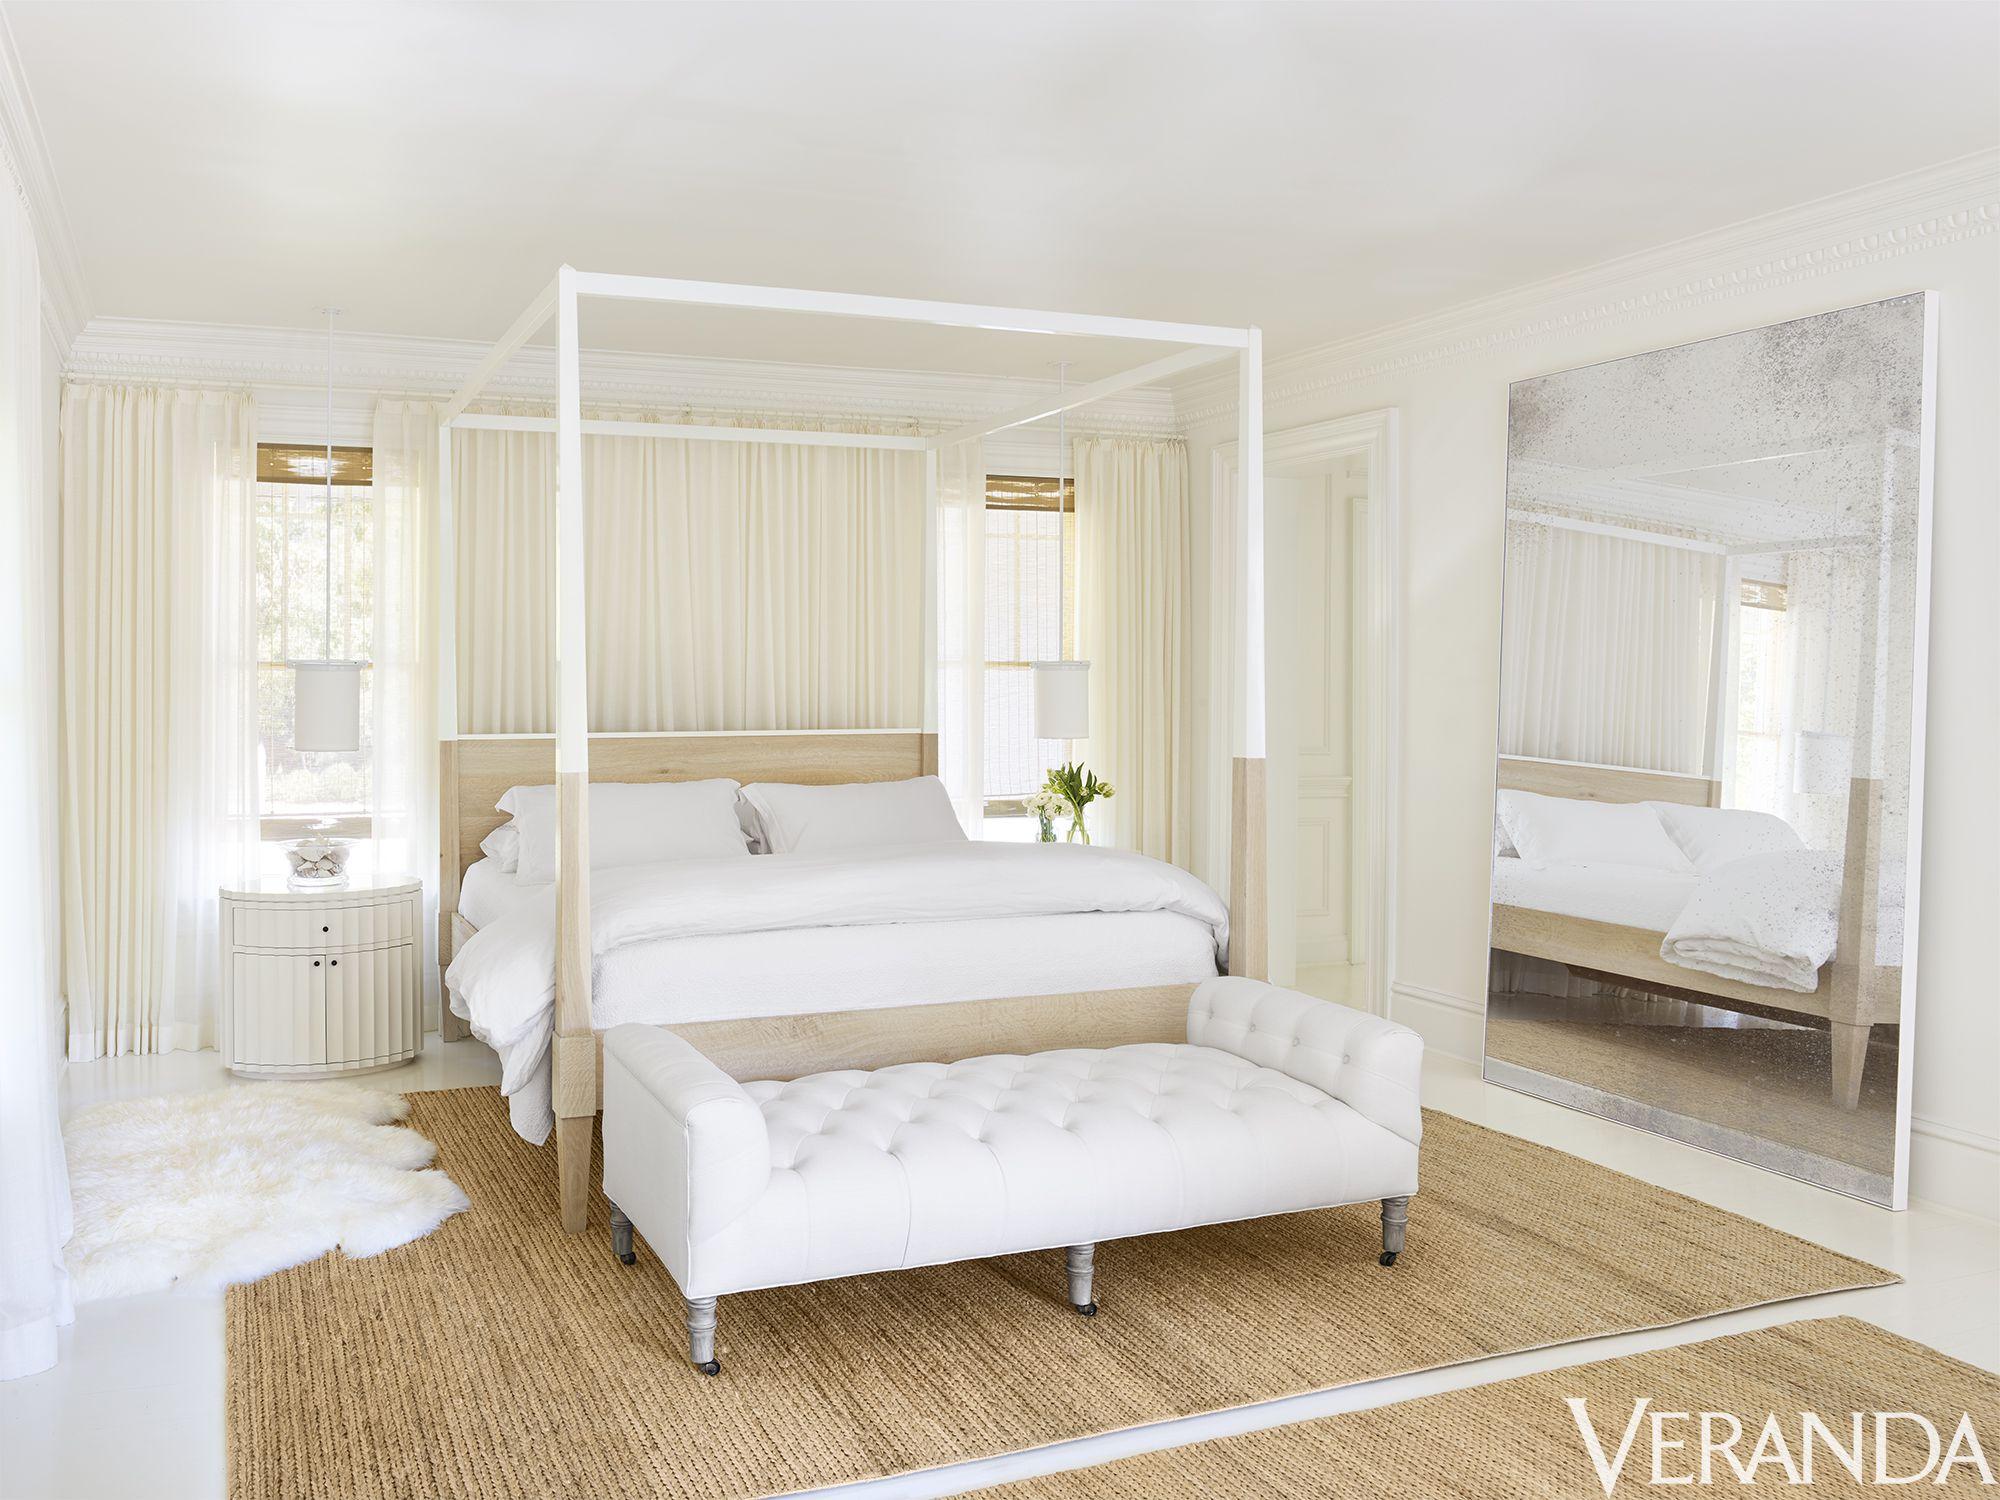 Designer Bedroom 30 Best Bedroom Ideas - Beautiful Bedroom Decorating Tips FOSMAFI